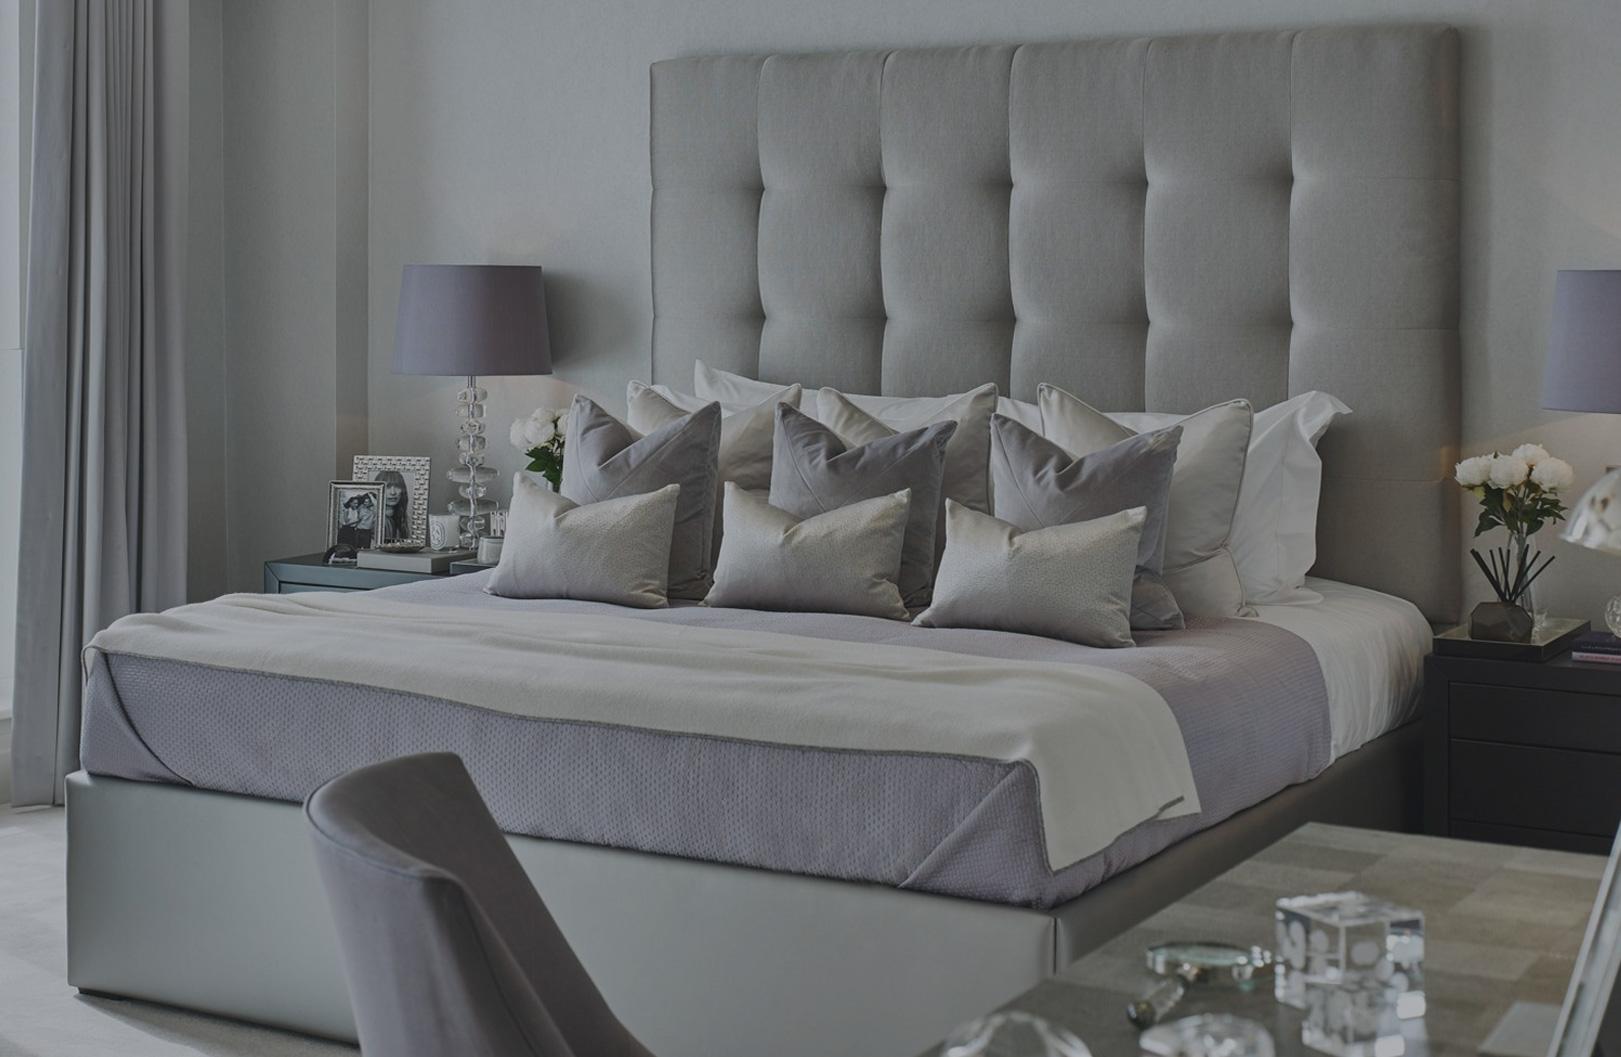 Vendita e acquisto di mobili usati in ticino mobili online for Vendita on line arredamento casa